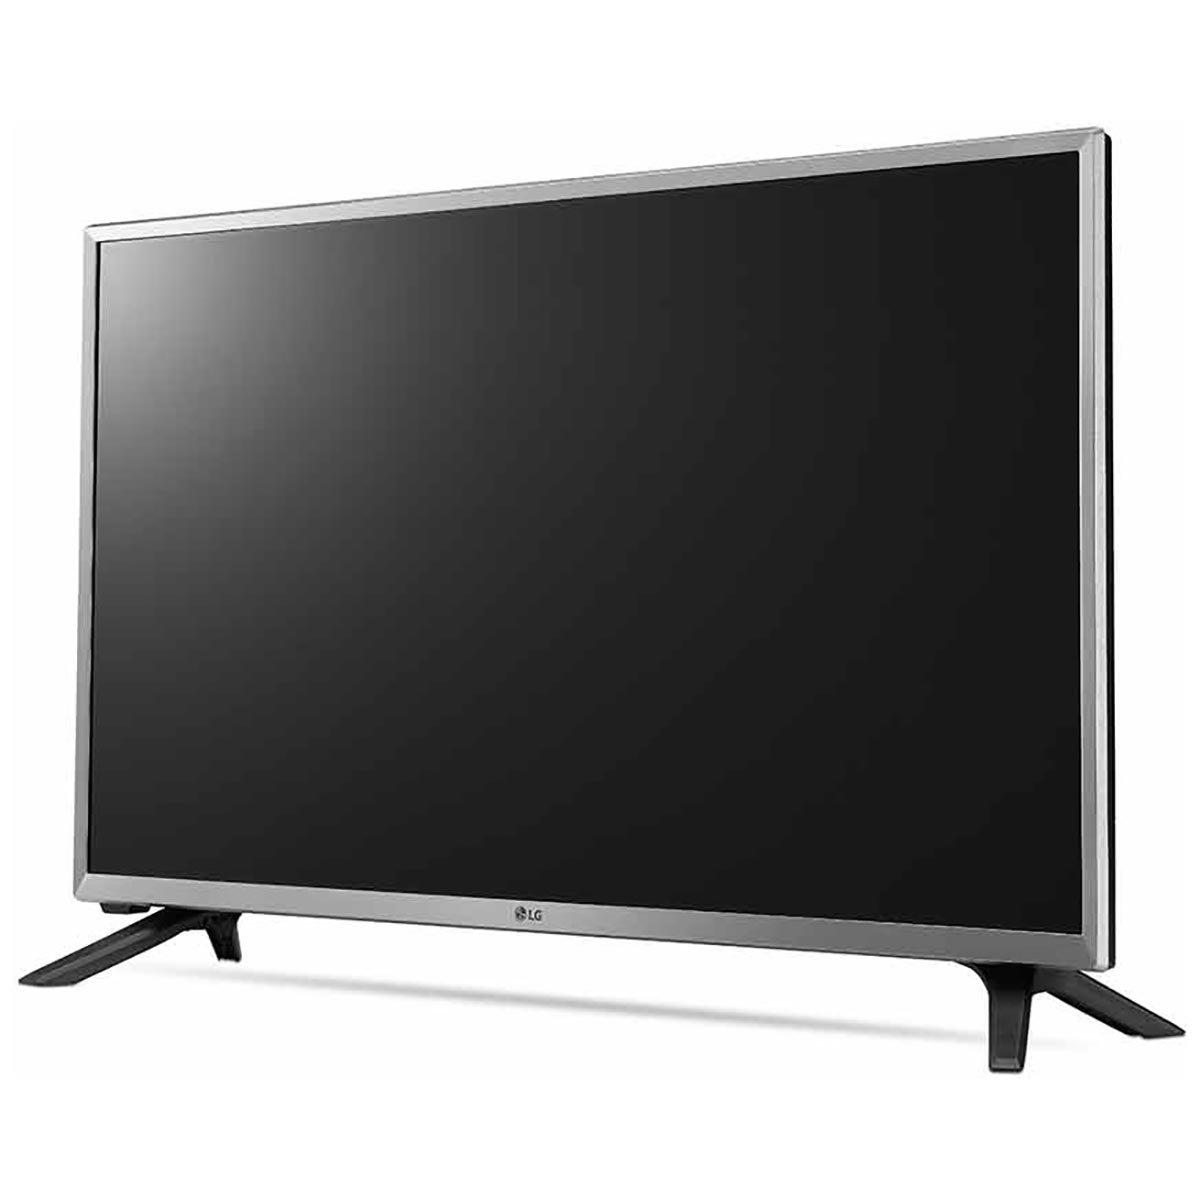 lg tv white. lg 32lj550d 32 inch 80cm smart full hd led lcd tv lg tv white p